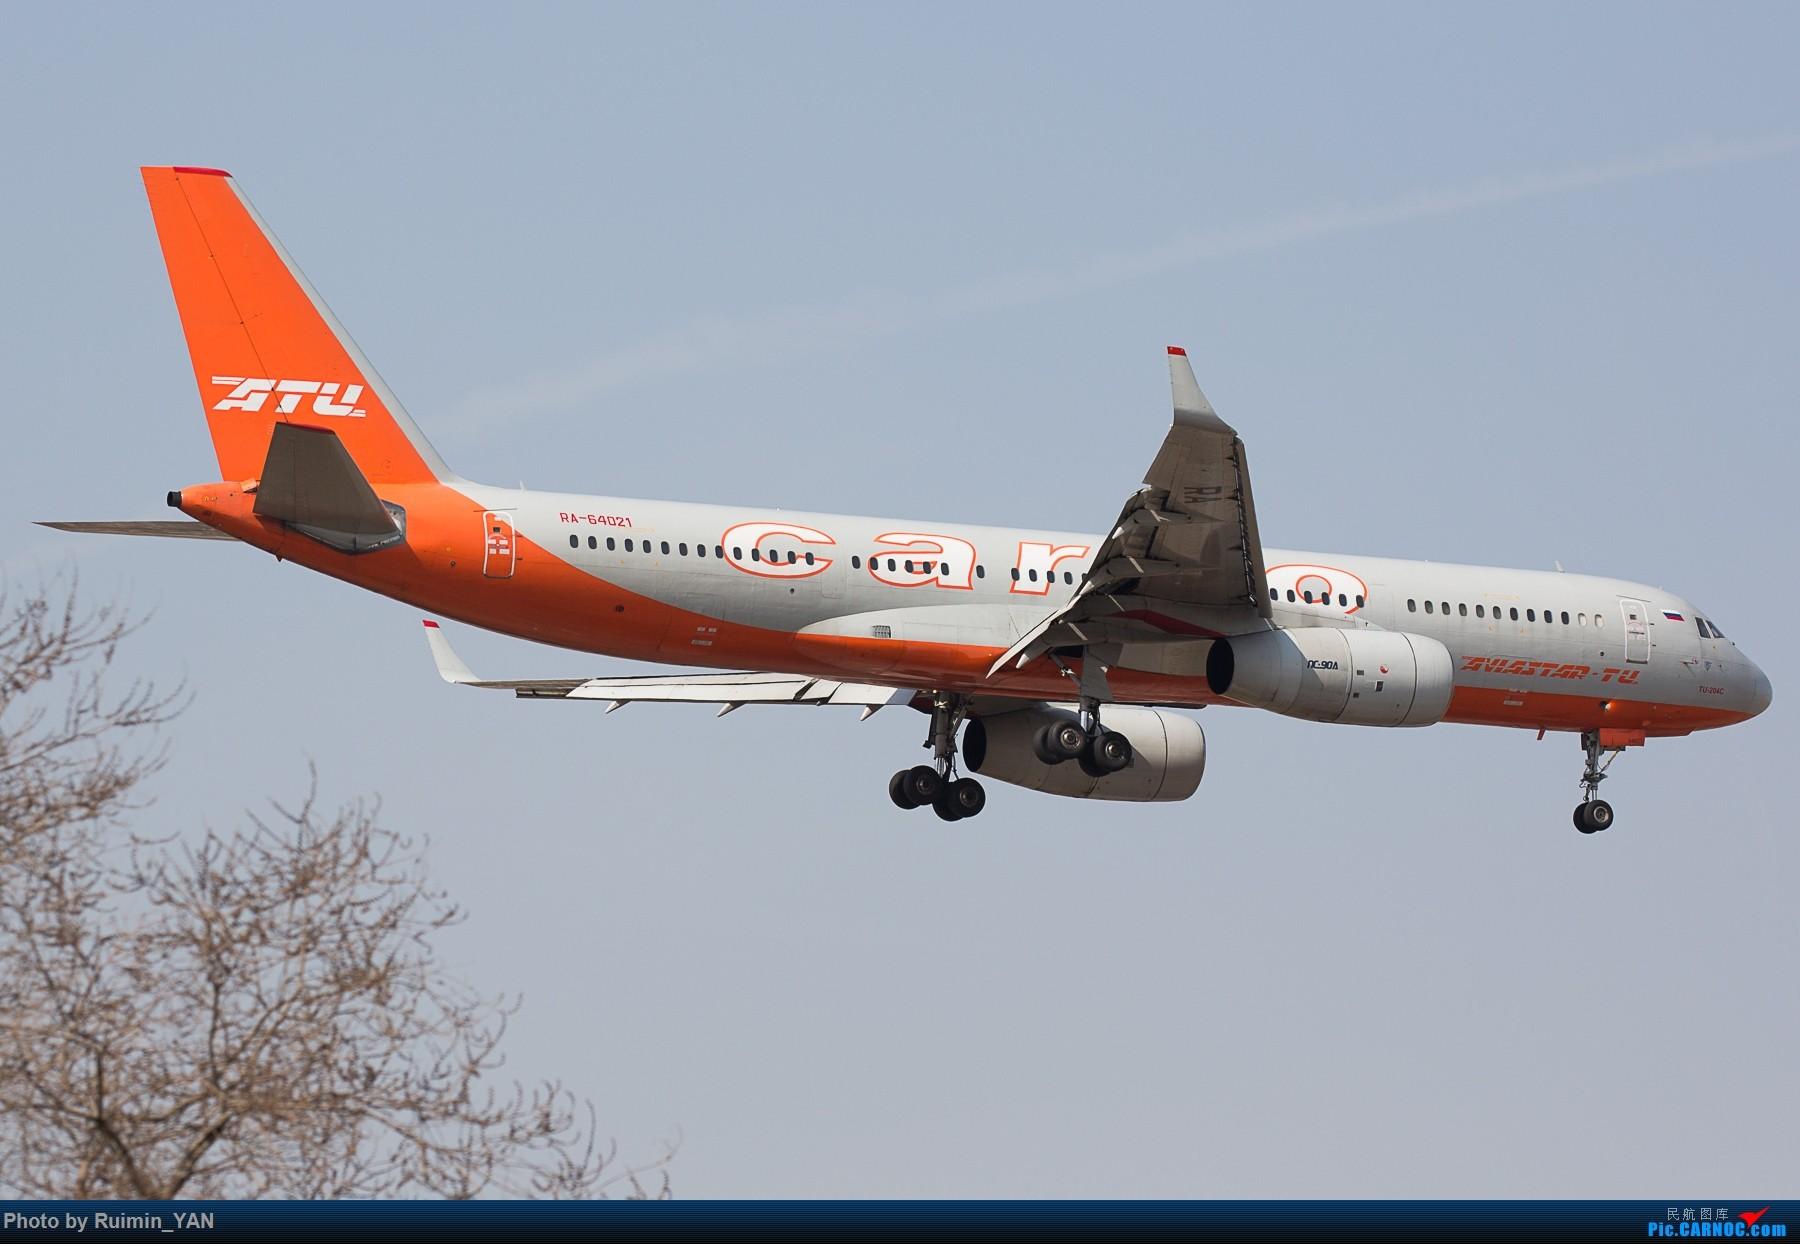 Re:[原创]【TSN飞友会】【首发】毛子Aviastar航空晚点7个小时整---图204卡狗(Tupolev Tu-204-100C ) TUPOLEV TU-204-100C RA-64021 中国天津滨海国际机场